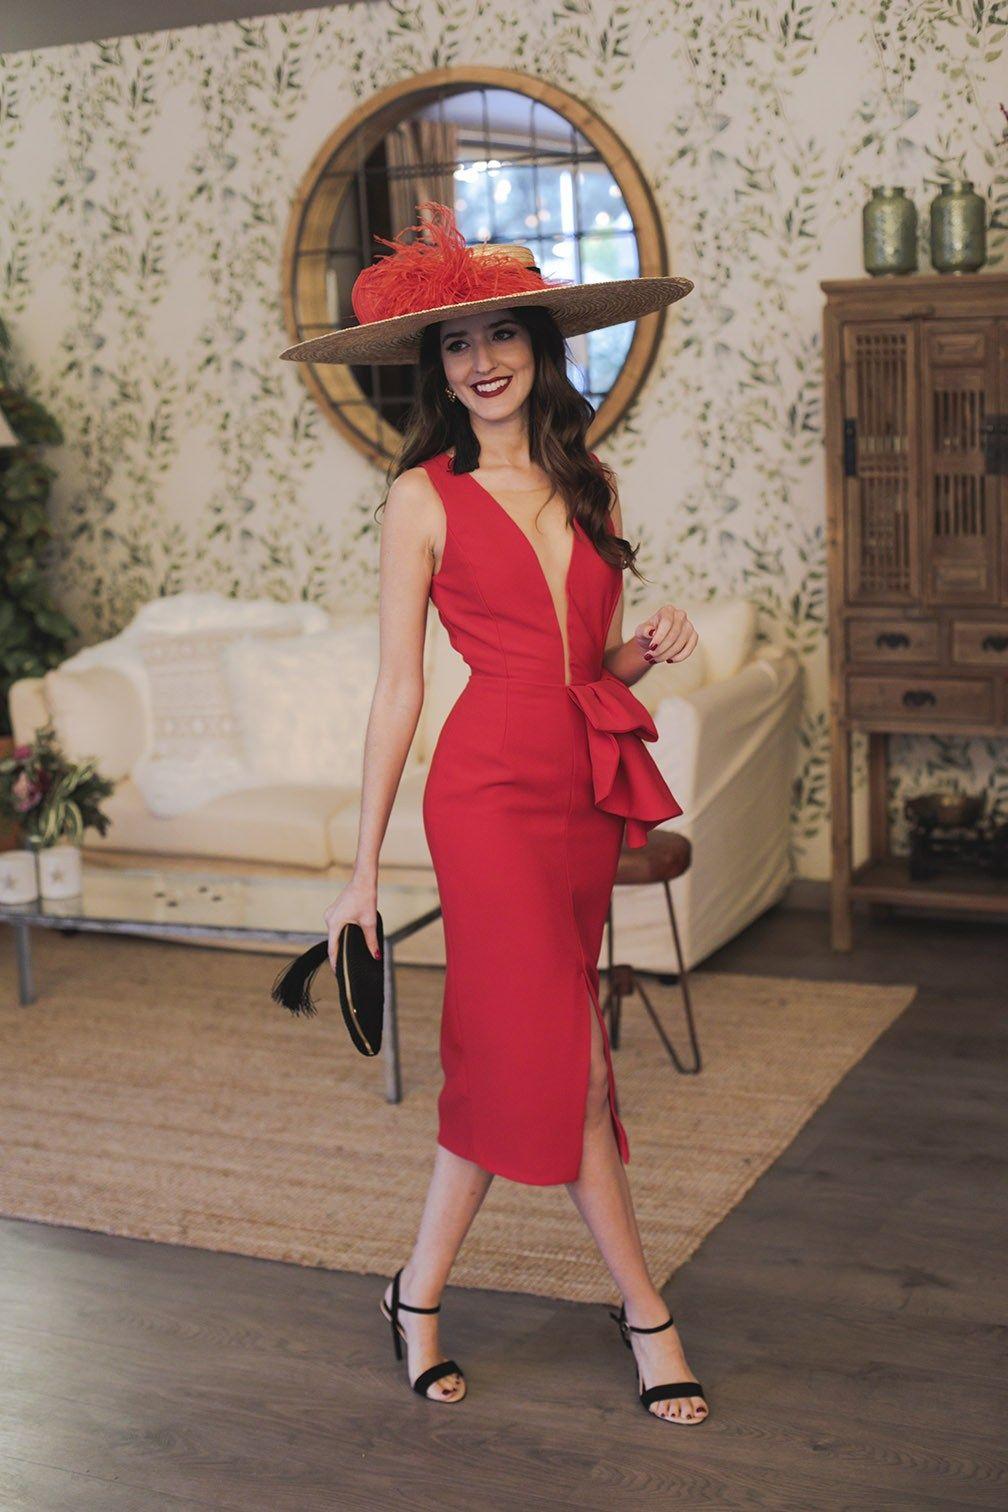 d06121c51 Look invitada noda mañana vestido rojo escote pamela complementos negros